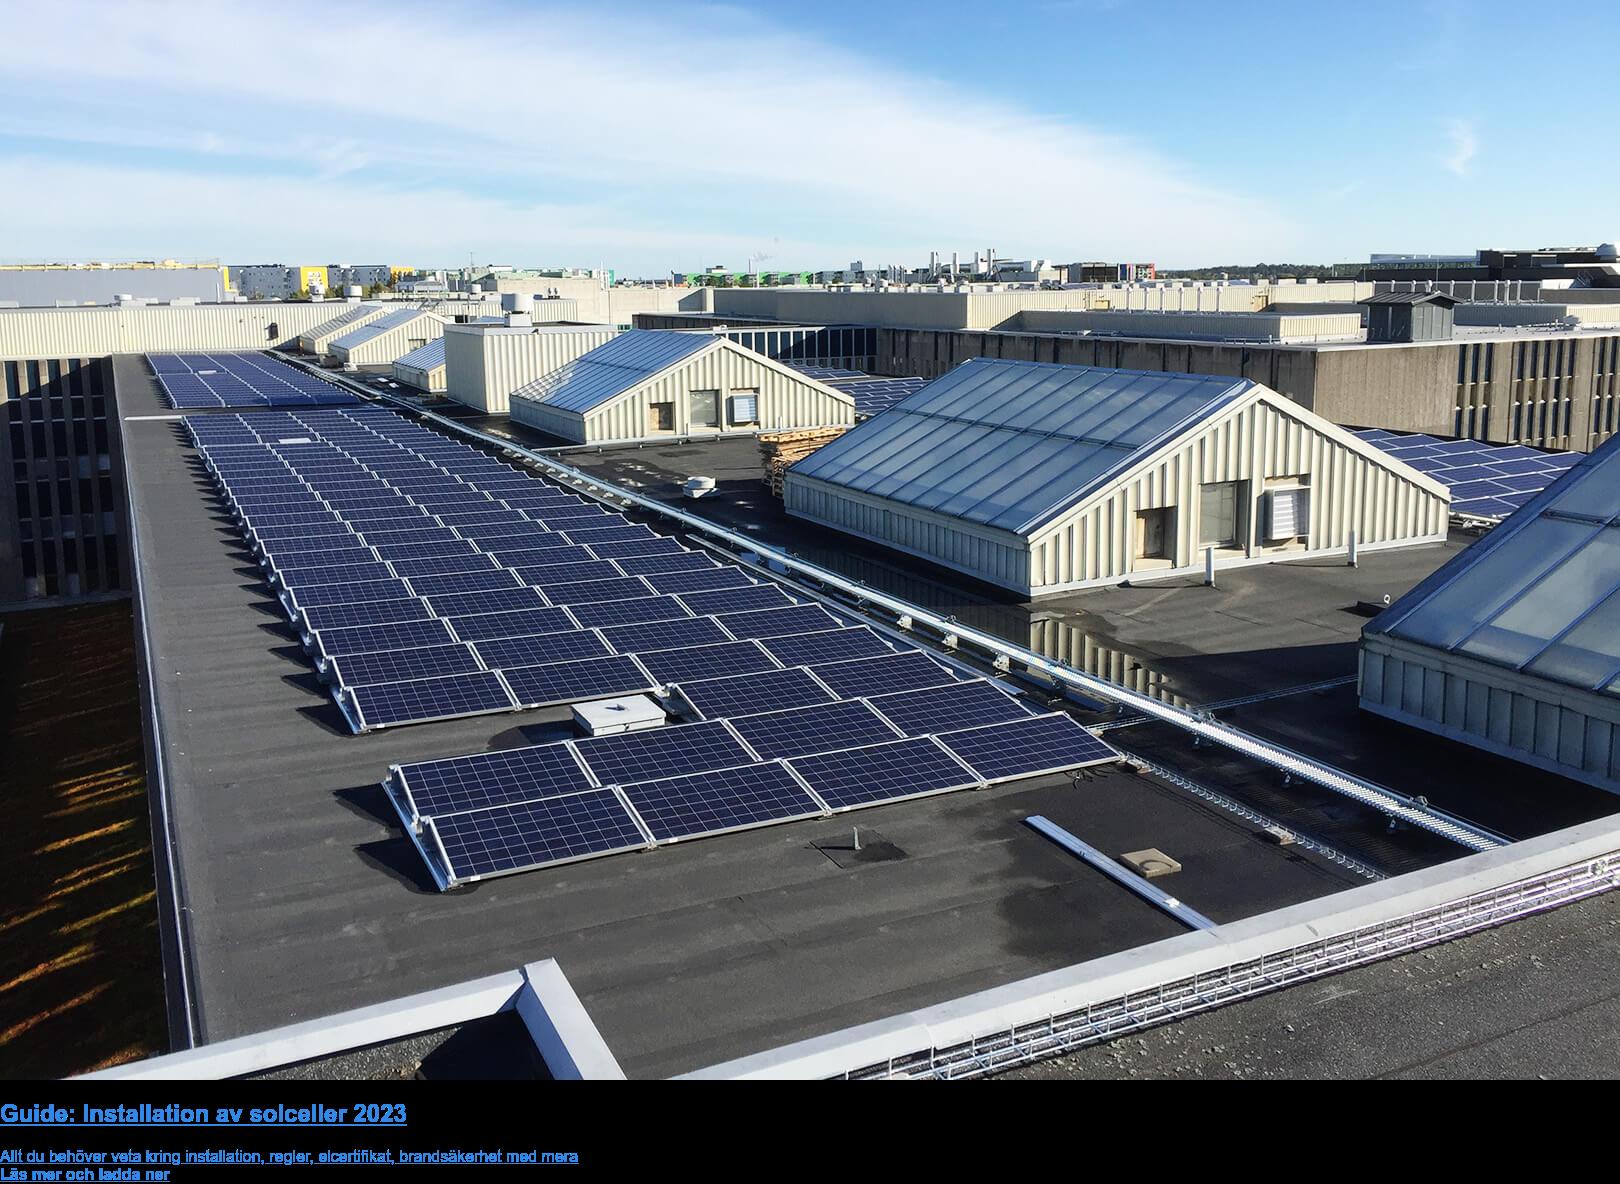 Guide: Installation av solceller 2020  – Allt du behöver veta innan själva installationen, från reglerna kring  energiskatt och skattereduktioner till elcertifikat och ursprungsgarantier. Läs mer och ladda ner